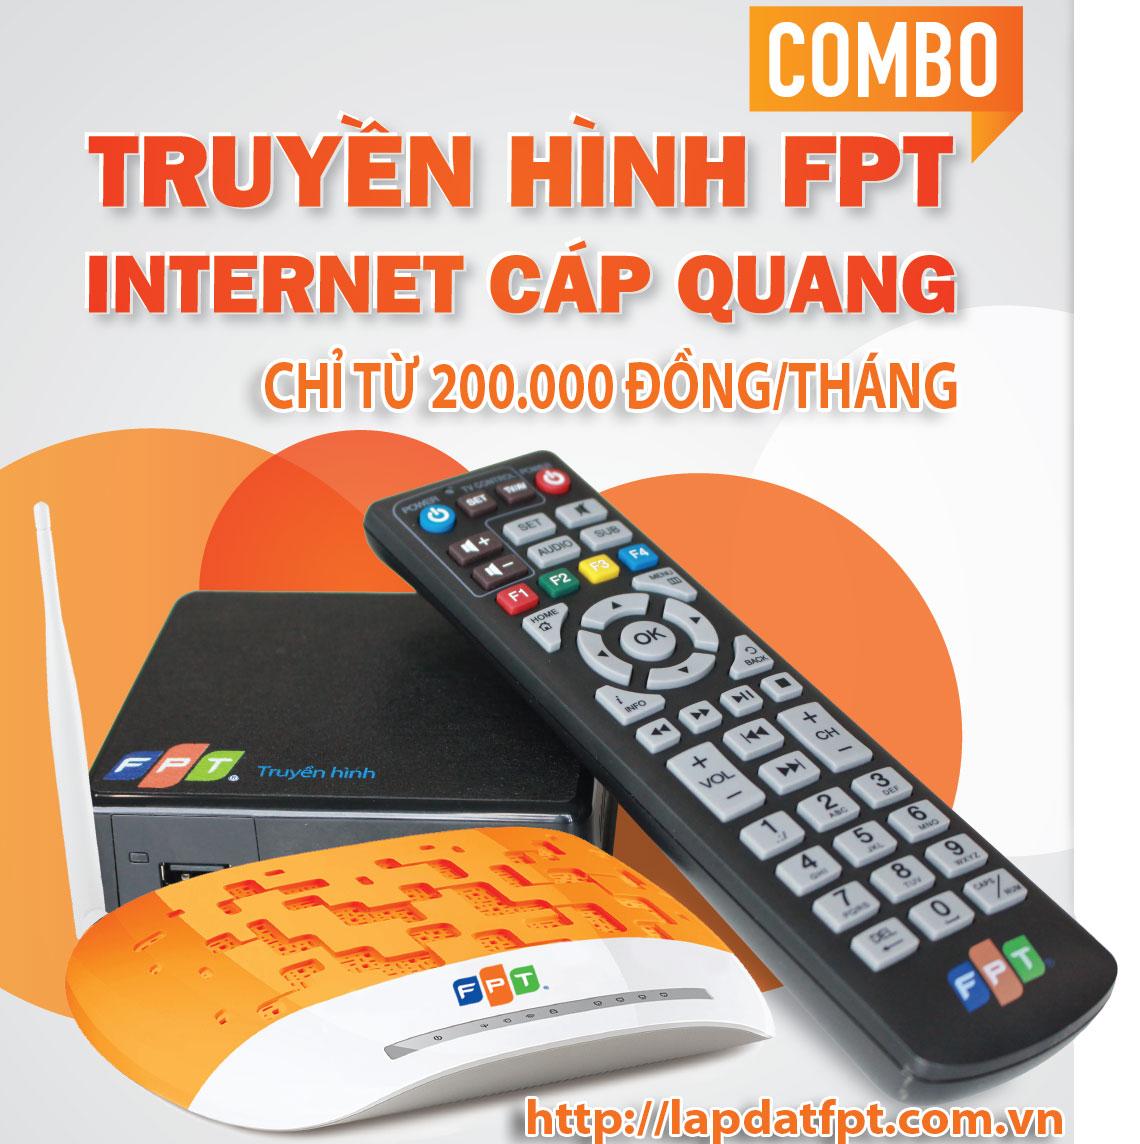 Chương trình siêu khuyến mãi internet và truyền hình FPT - Crazy Combo